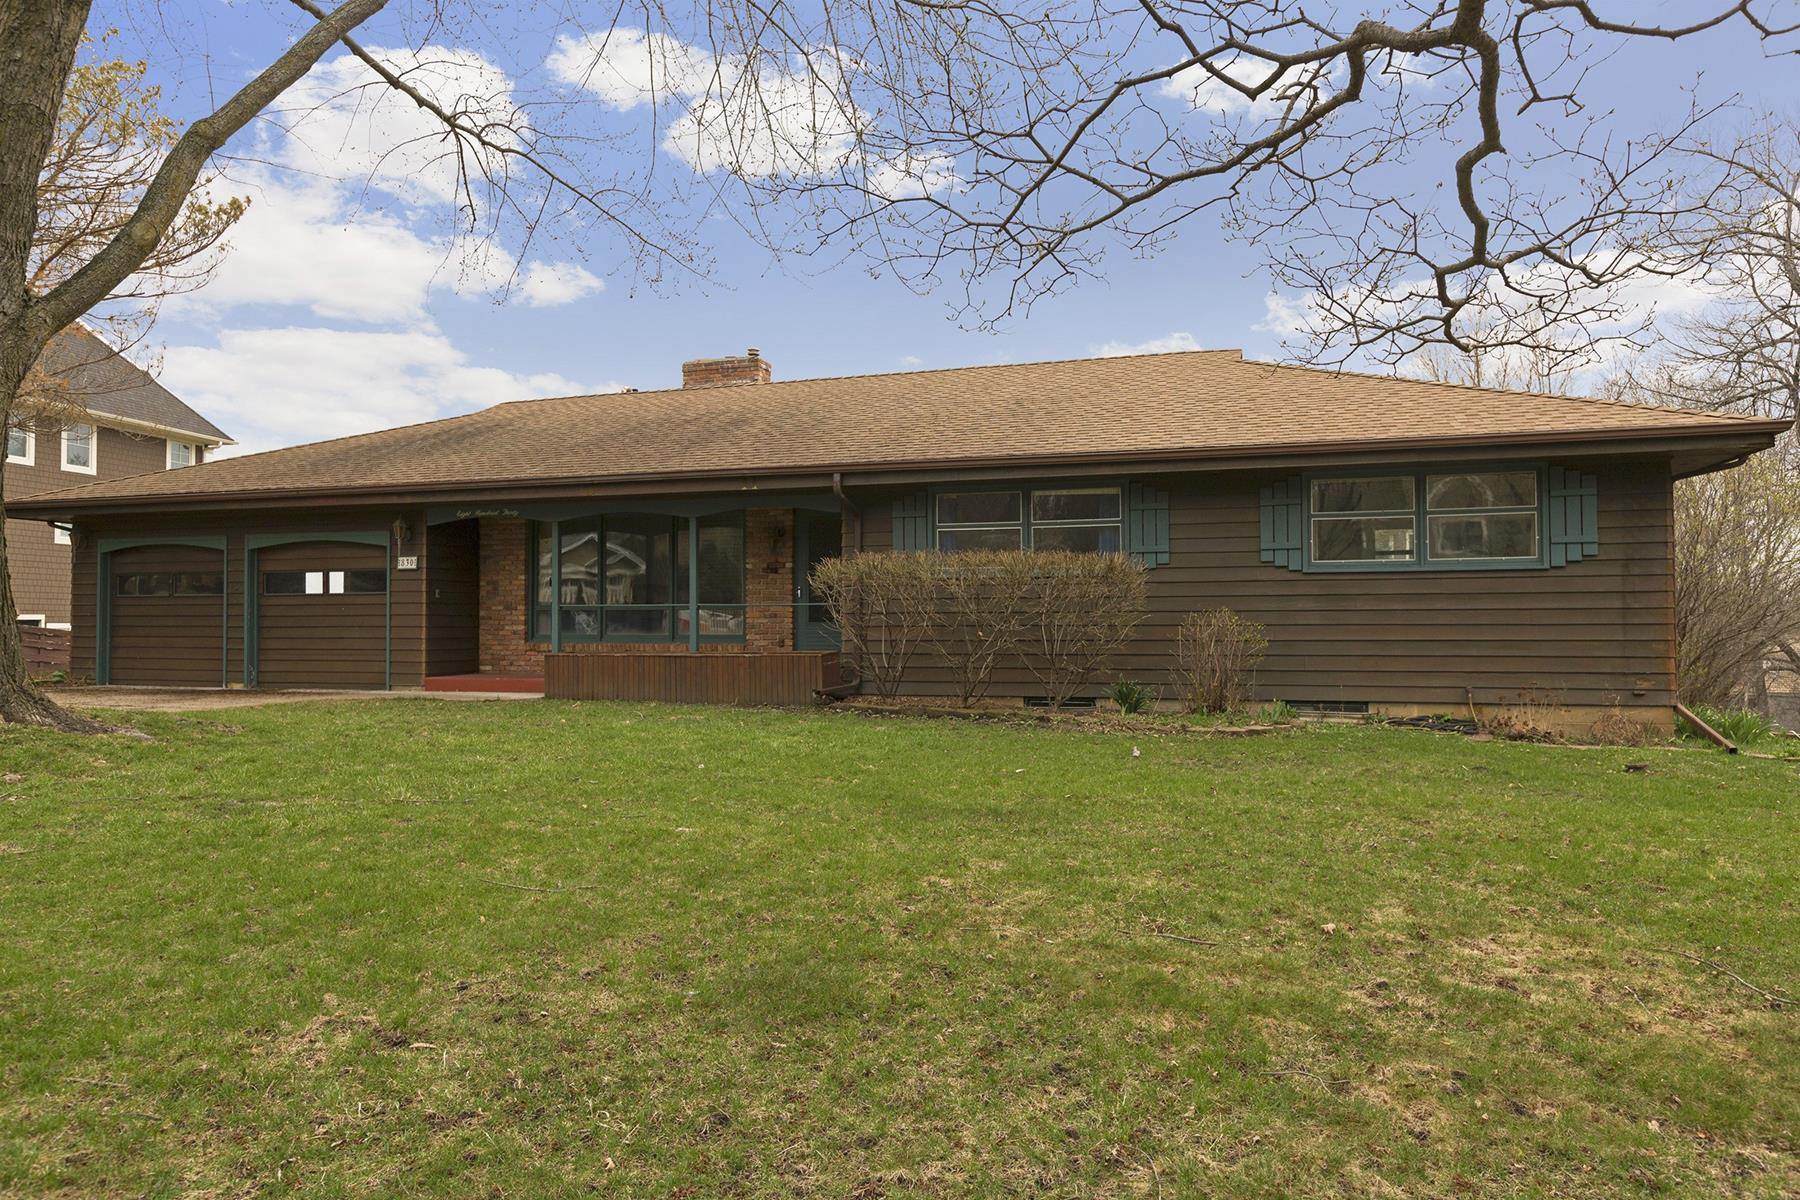 Maison unifamiliale pour l Vente à 830 Smithtown Terrace, Victoria Victoria, Minnesota, 55331 États-Unis